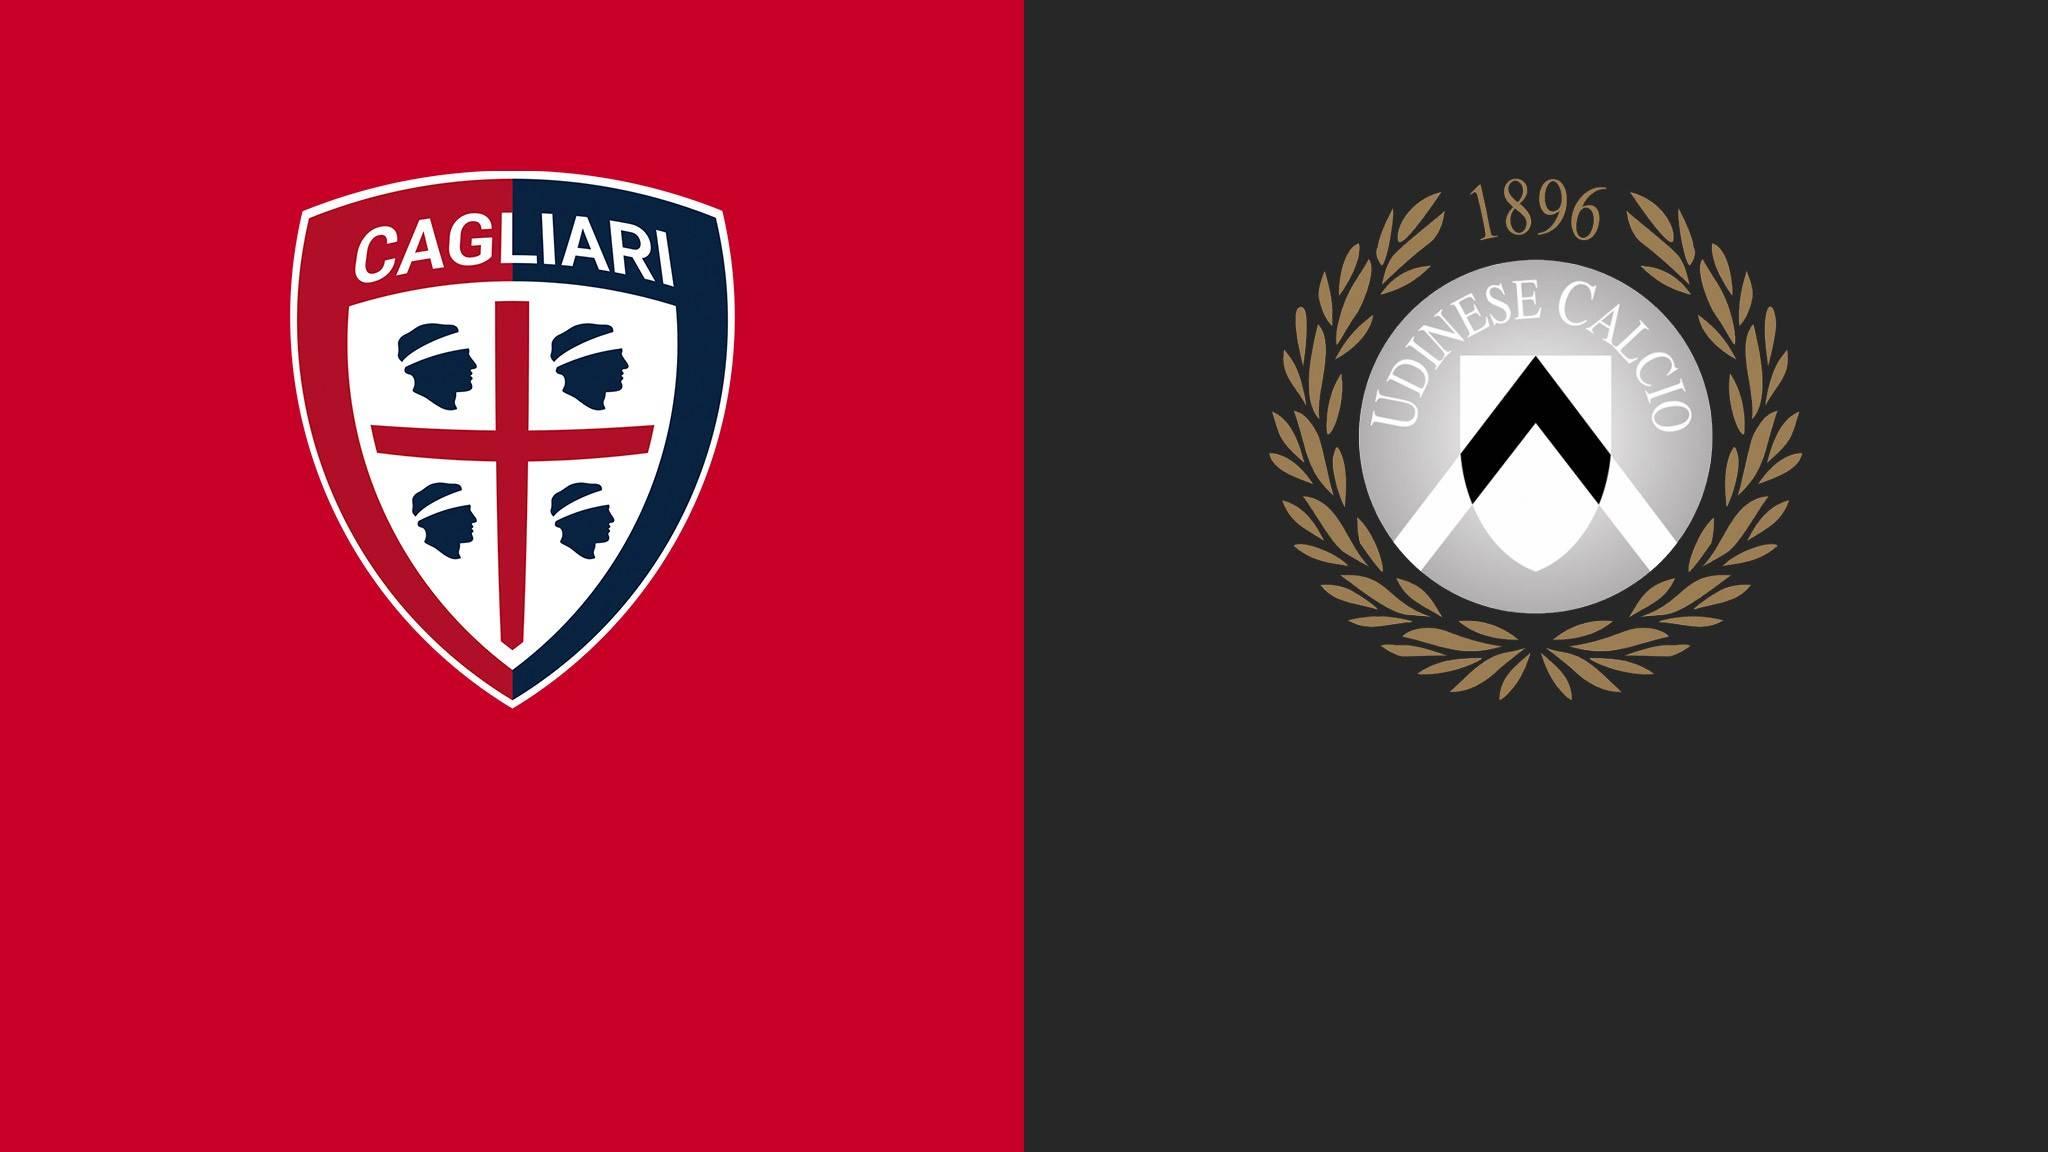 Cagliari - Udinese in Diretta Streaming